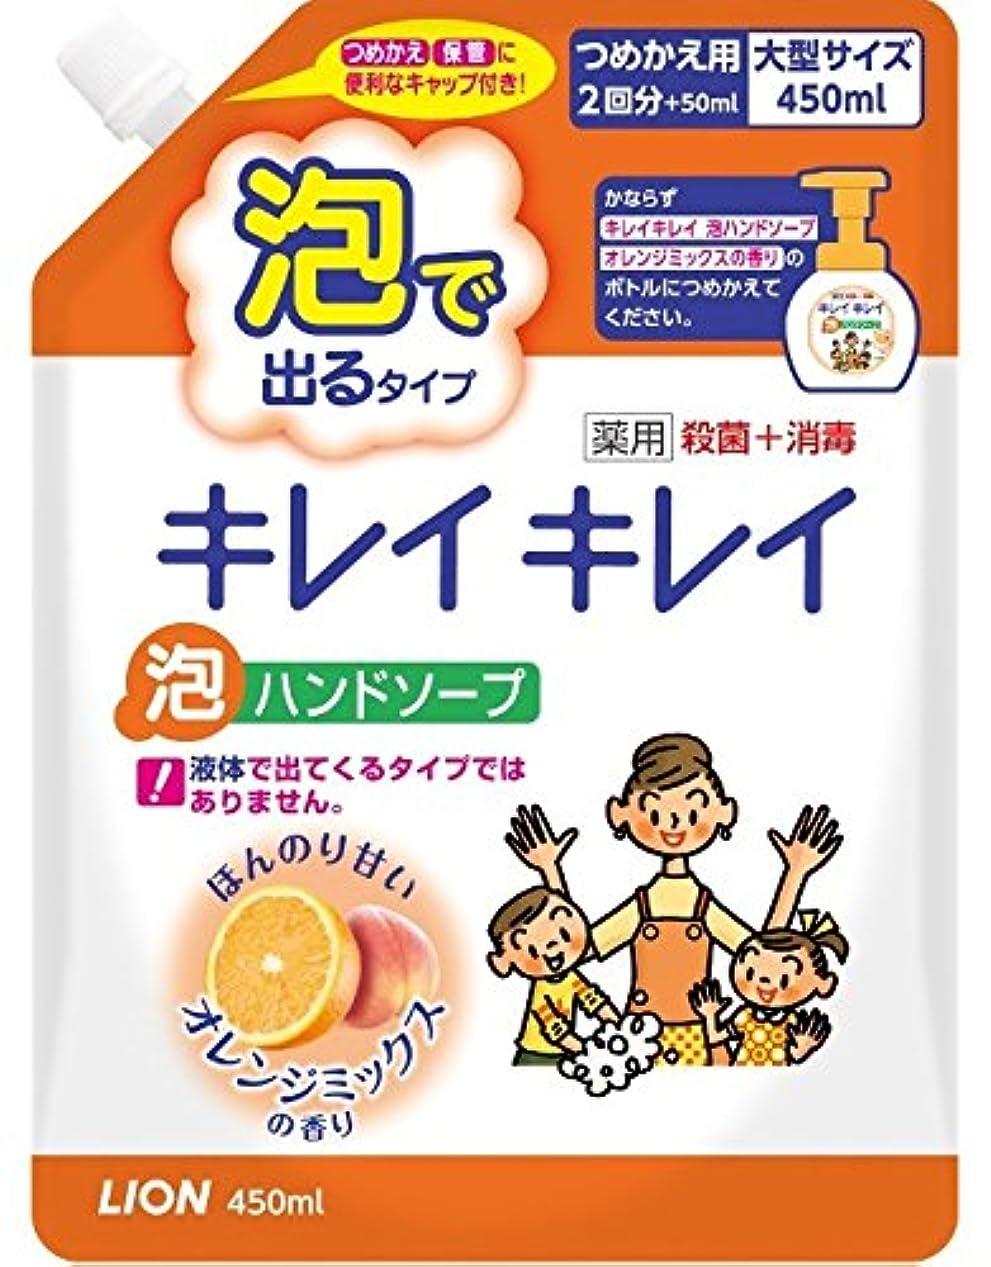 叫び声修理工溶融キレイキレイ薬用泡ハンドソープオレンジミックスの香りつめかえ用大型サイズ450mL